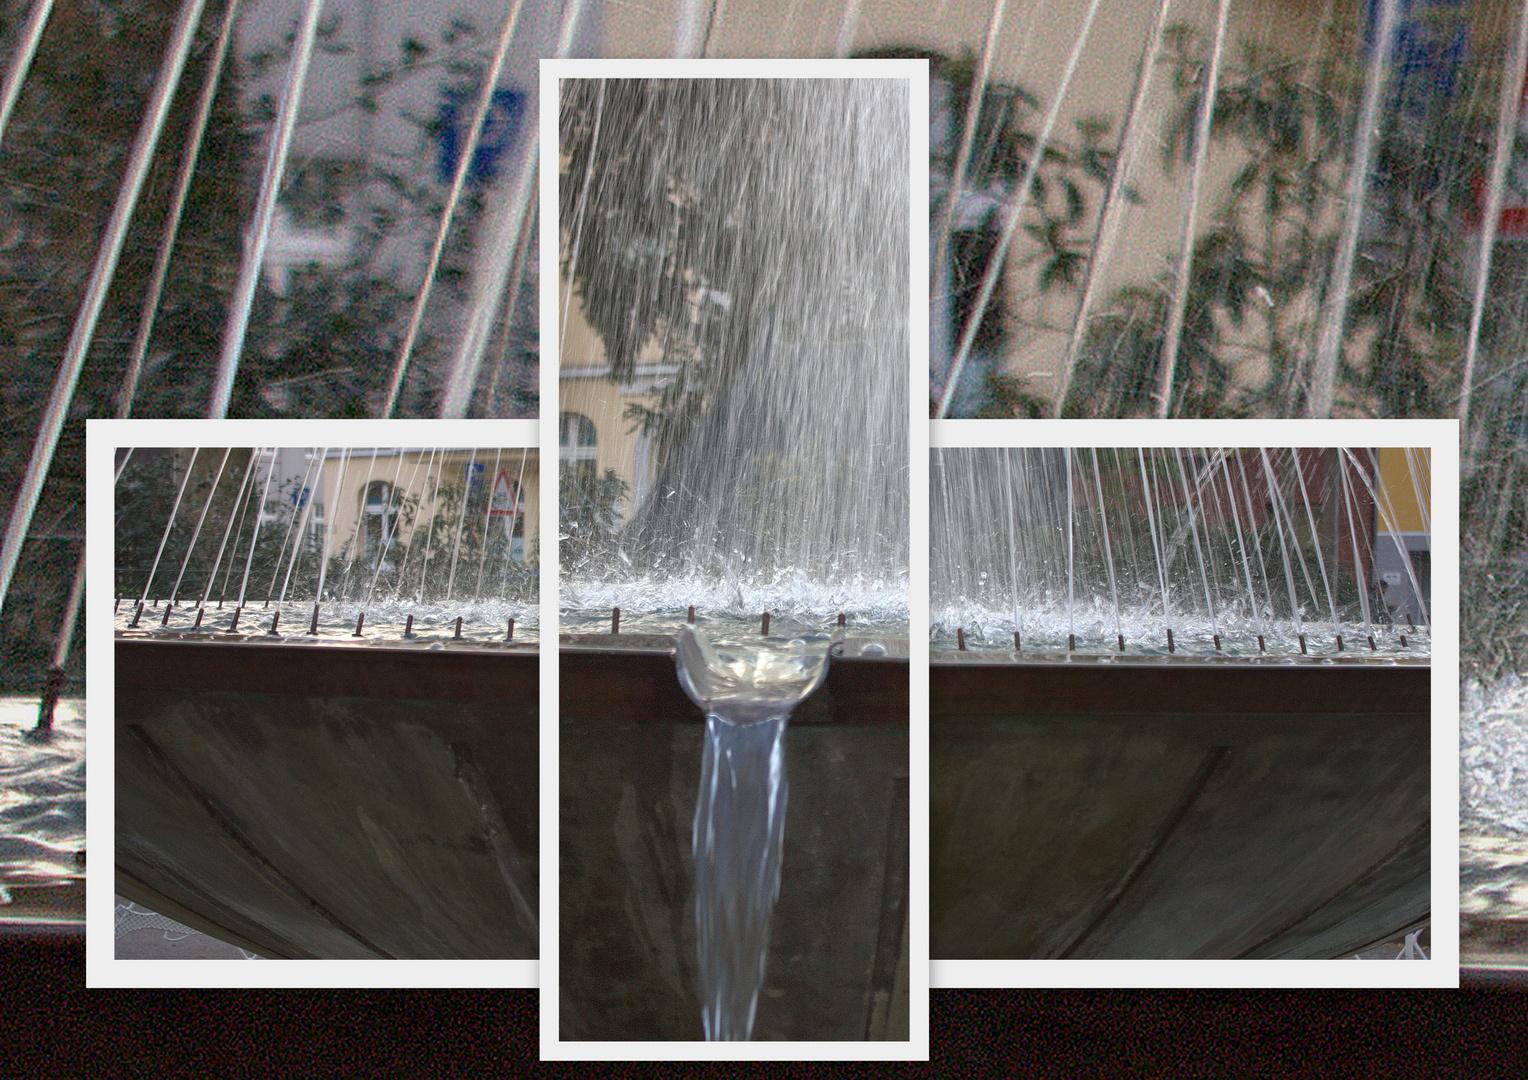 Ausschnitte eines Brunnens